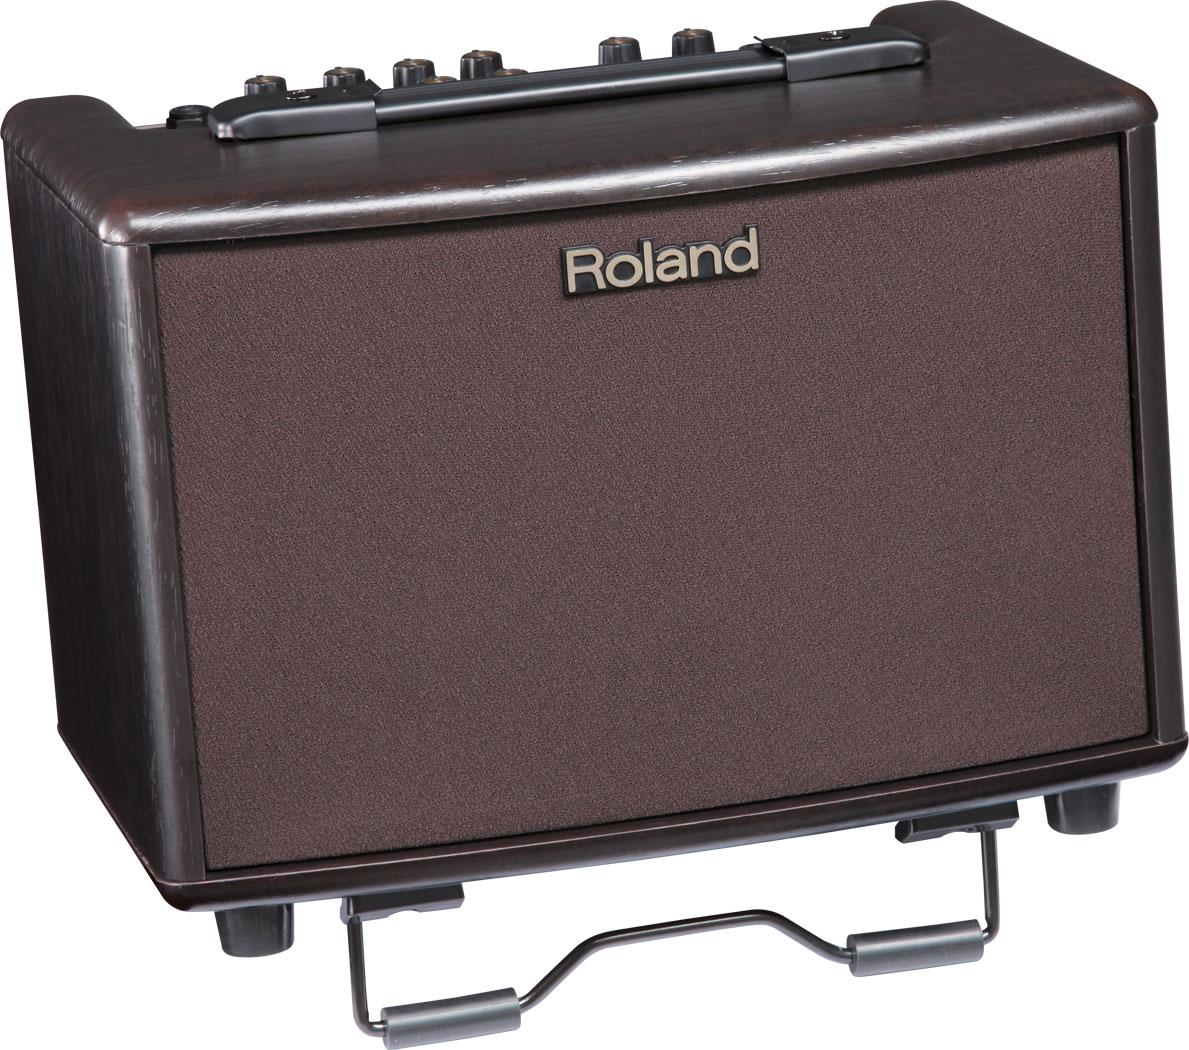 roland ac 33 acoustic chorus guitar amplifier rh roland ca roland ac-33 user manual Roland Ac- 40